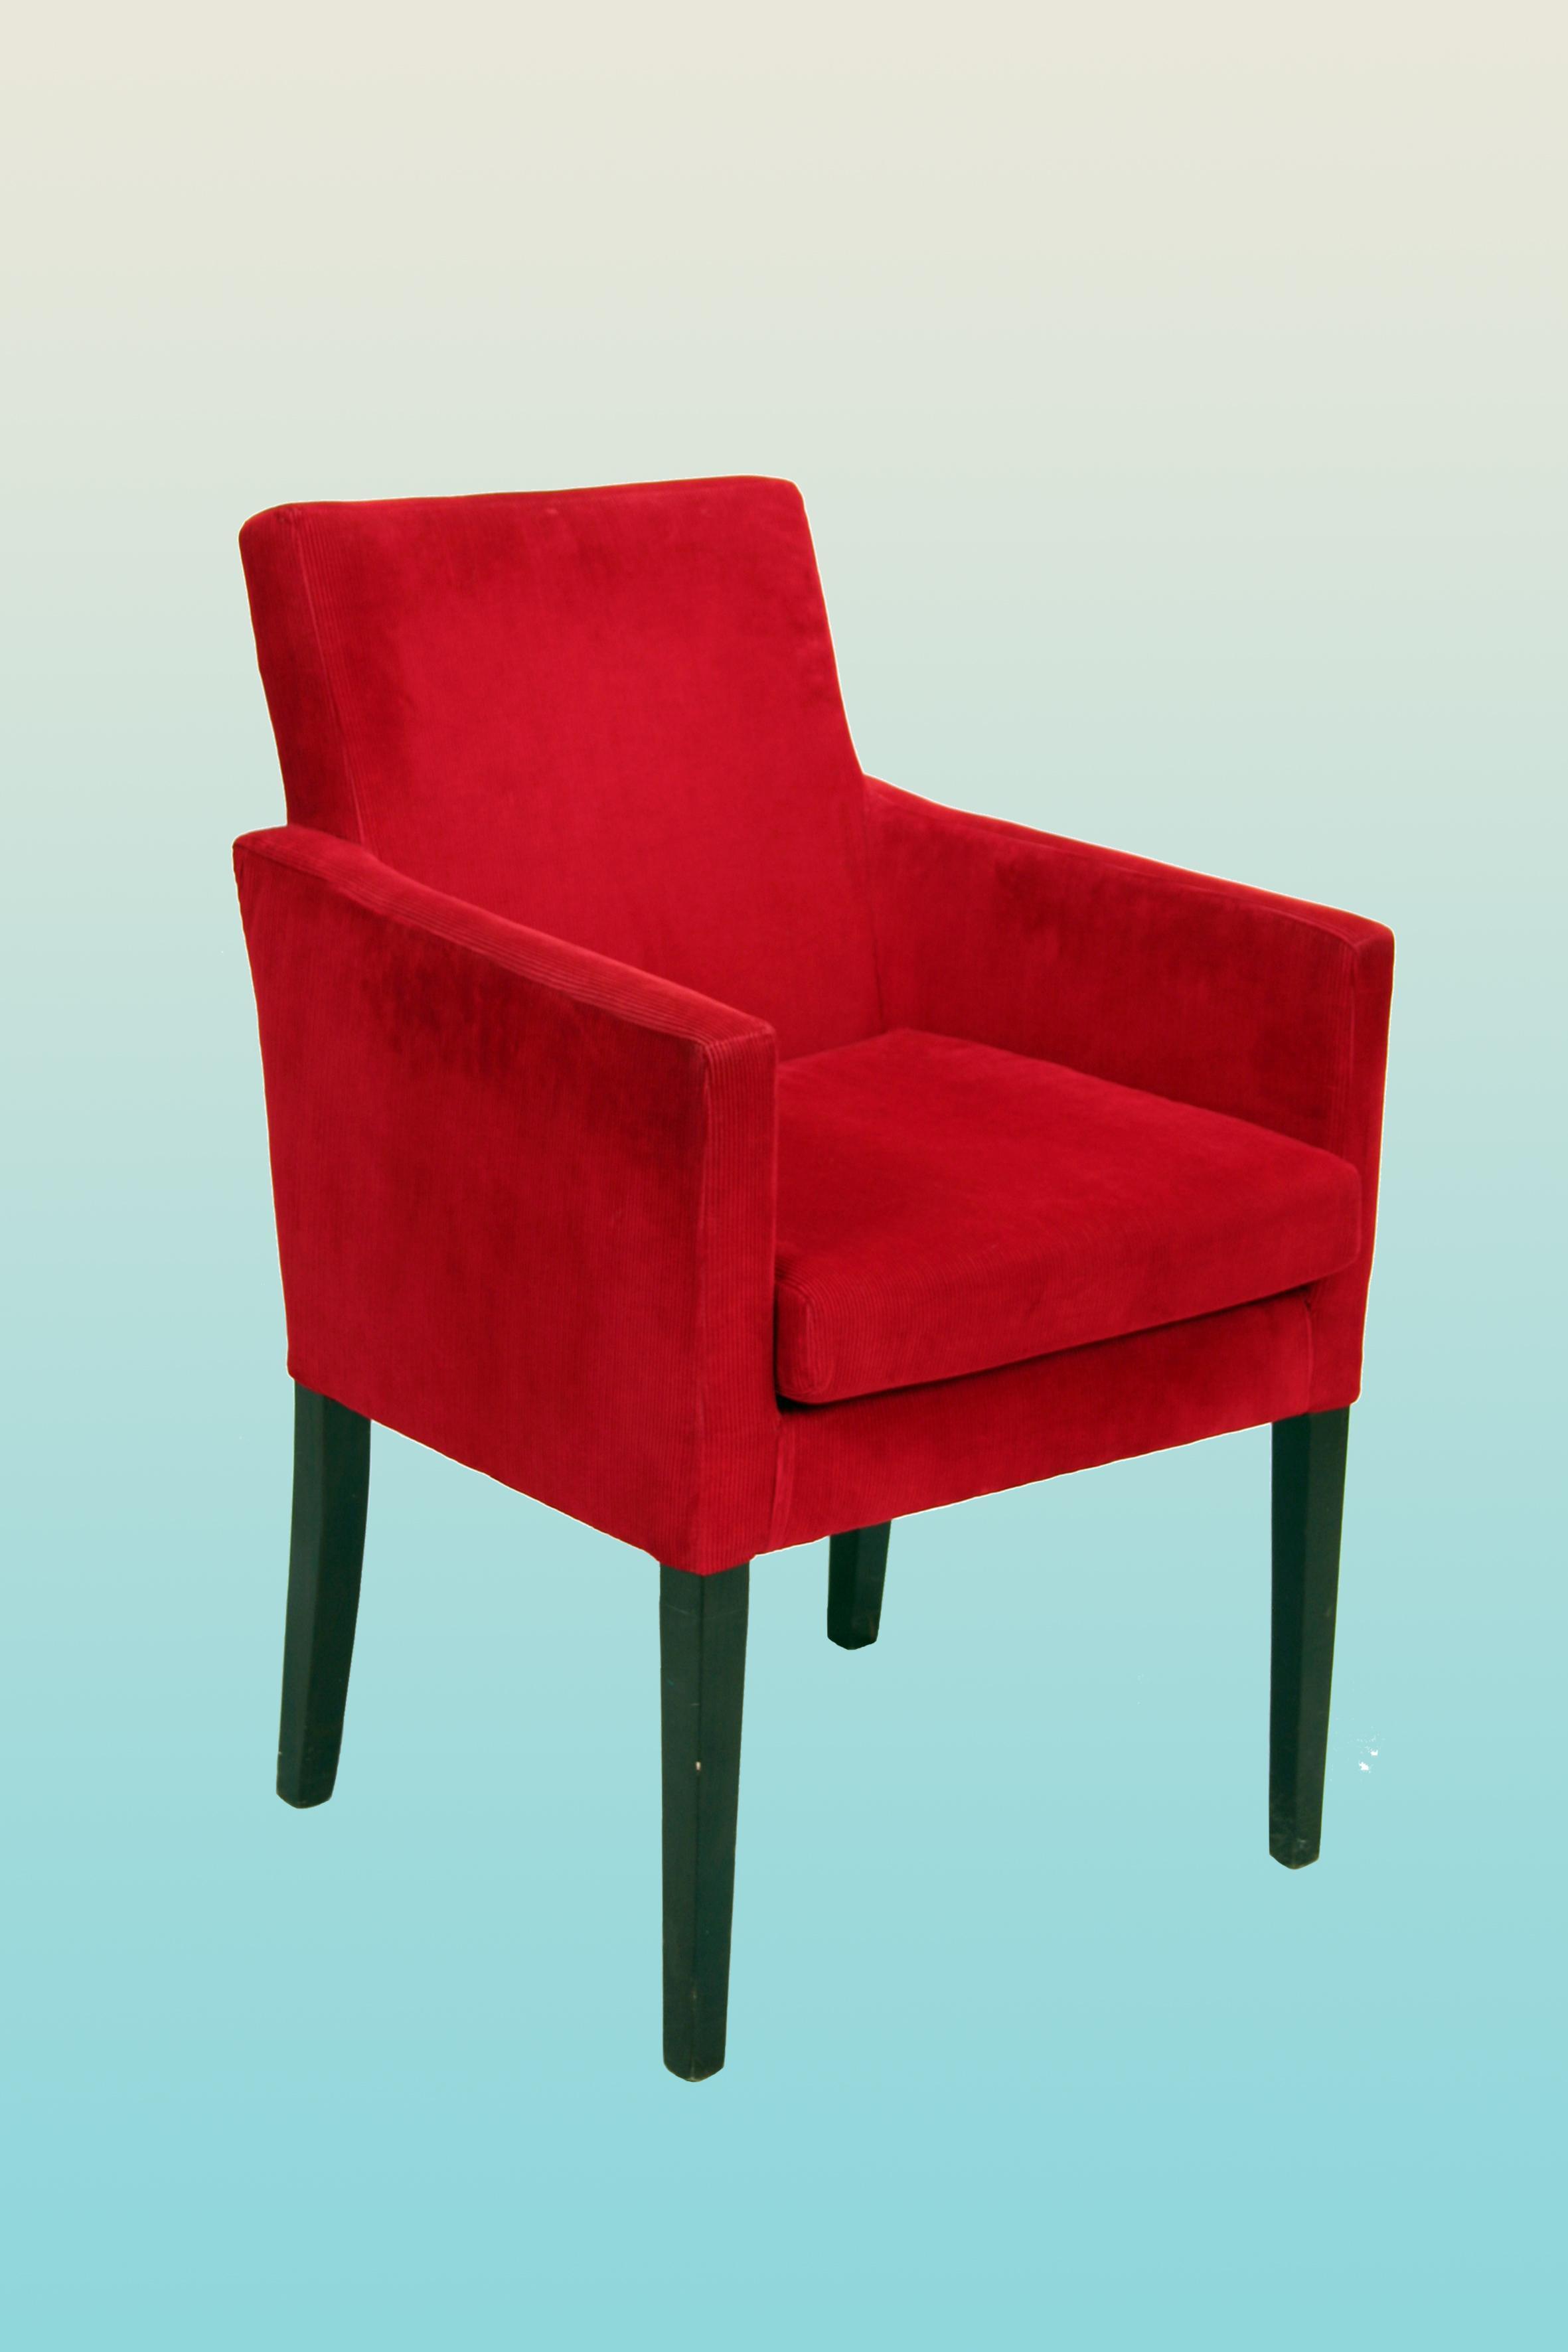 Stoelen modern 0 0 500 0 stuks - Moderne stoelen ...